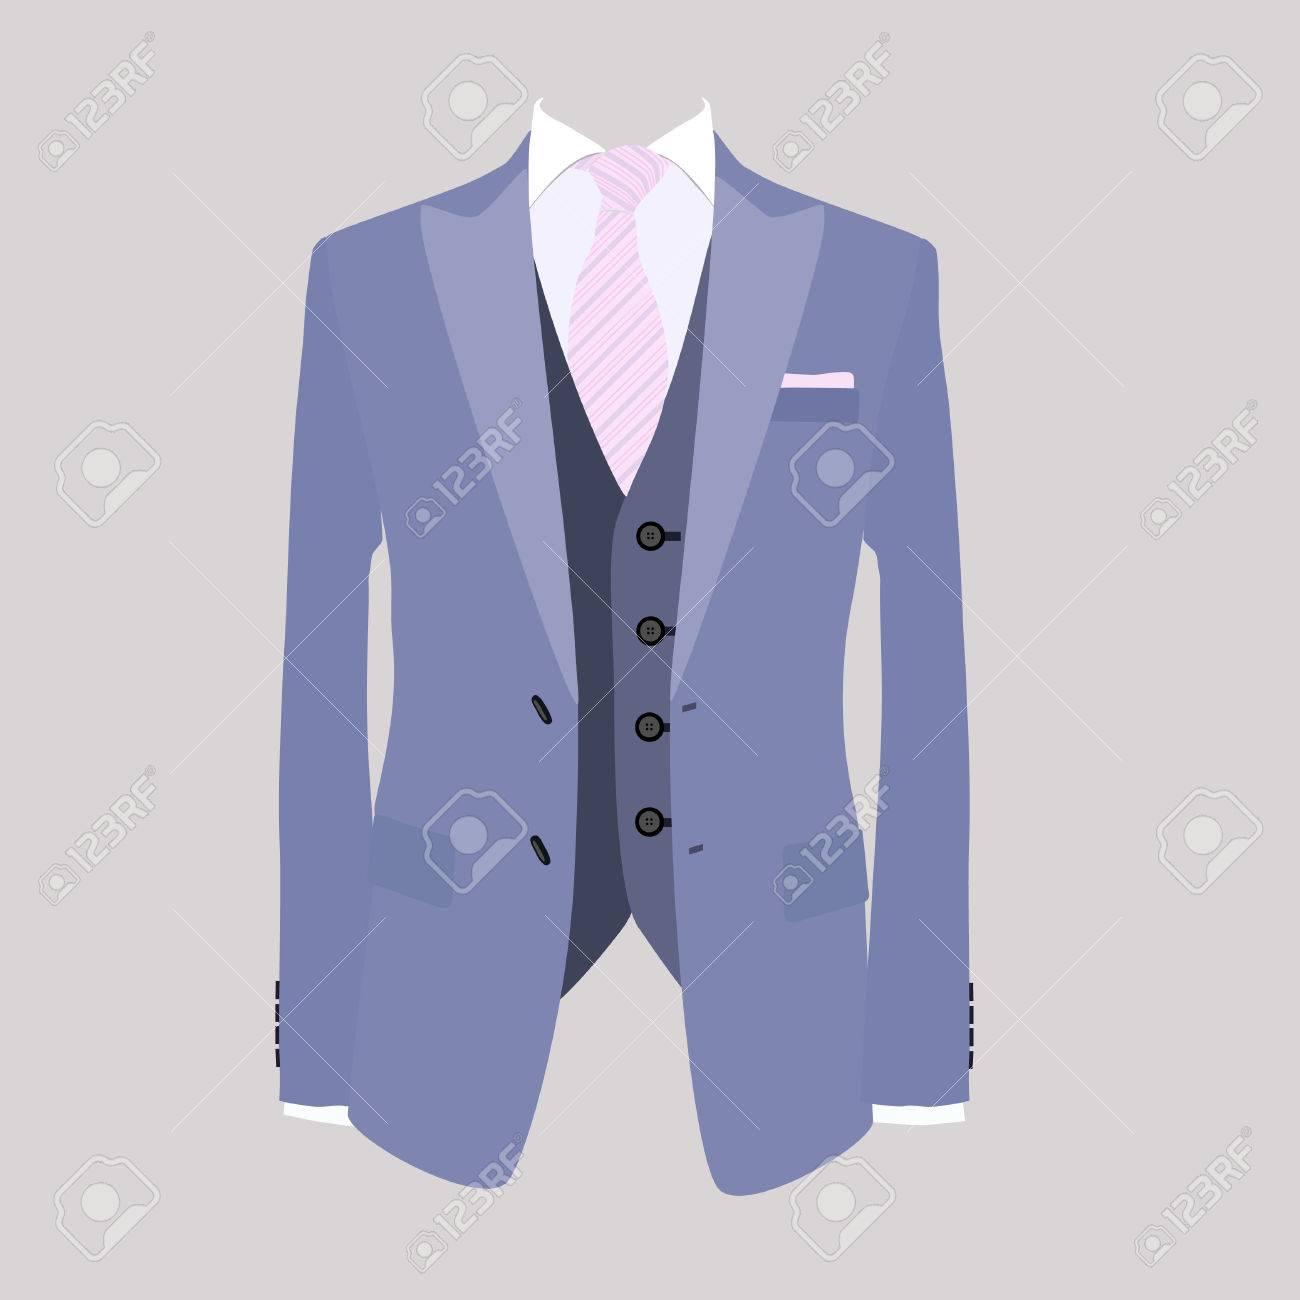 人のスーツネクタイビジネス スーツビジネスメンズ スーツ